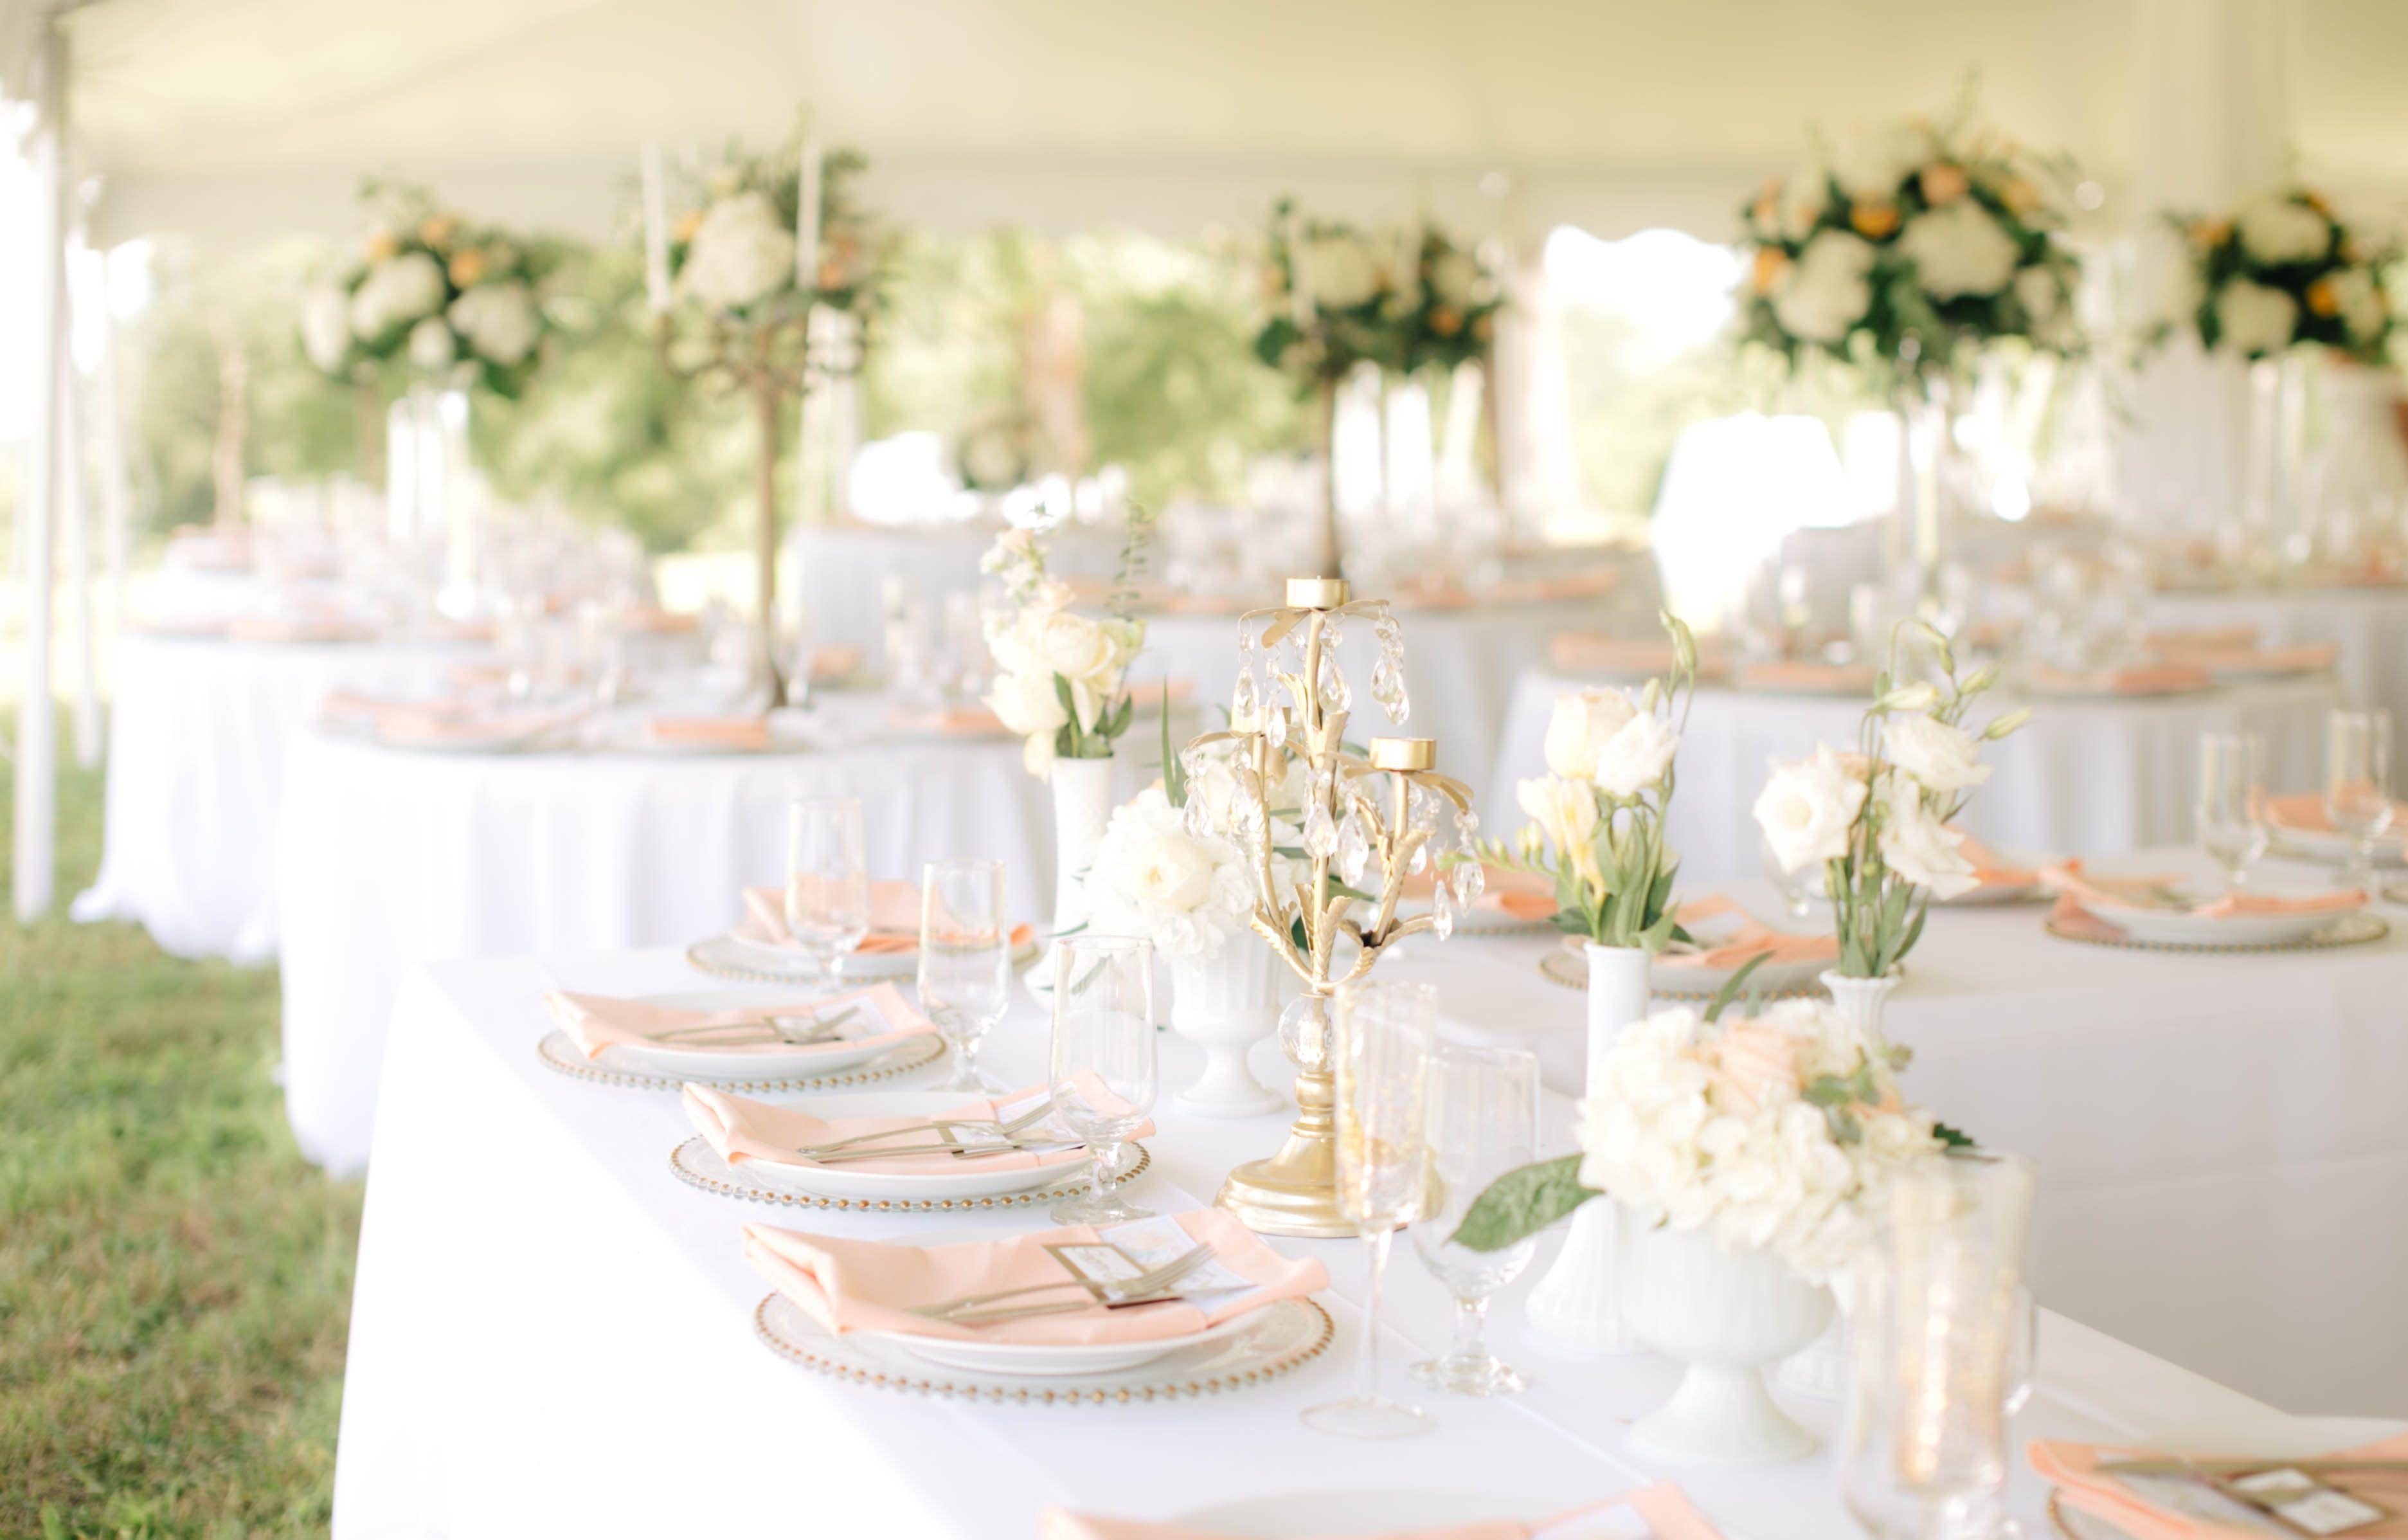 30 Wedding Decor Rentals Utah Dekorasi Perkawinan Dekor Beautiful